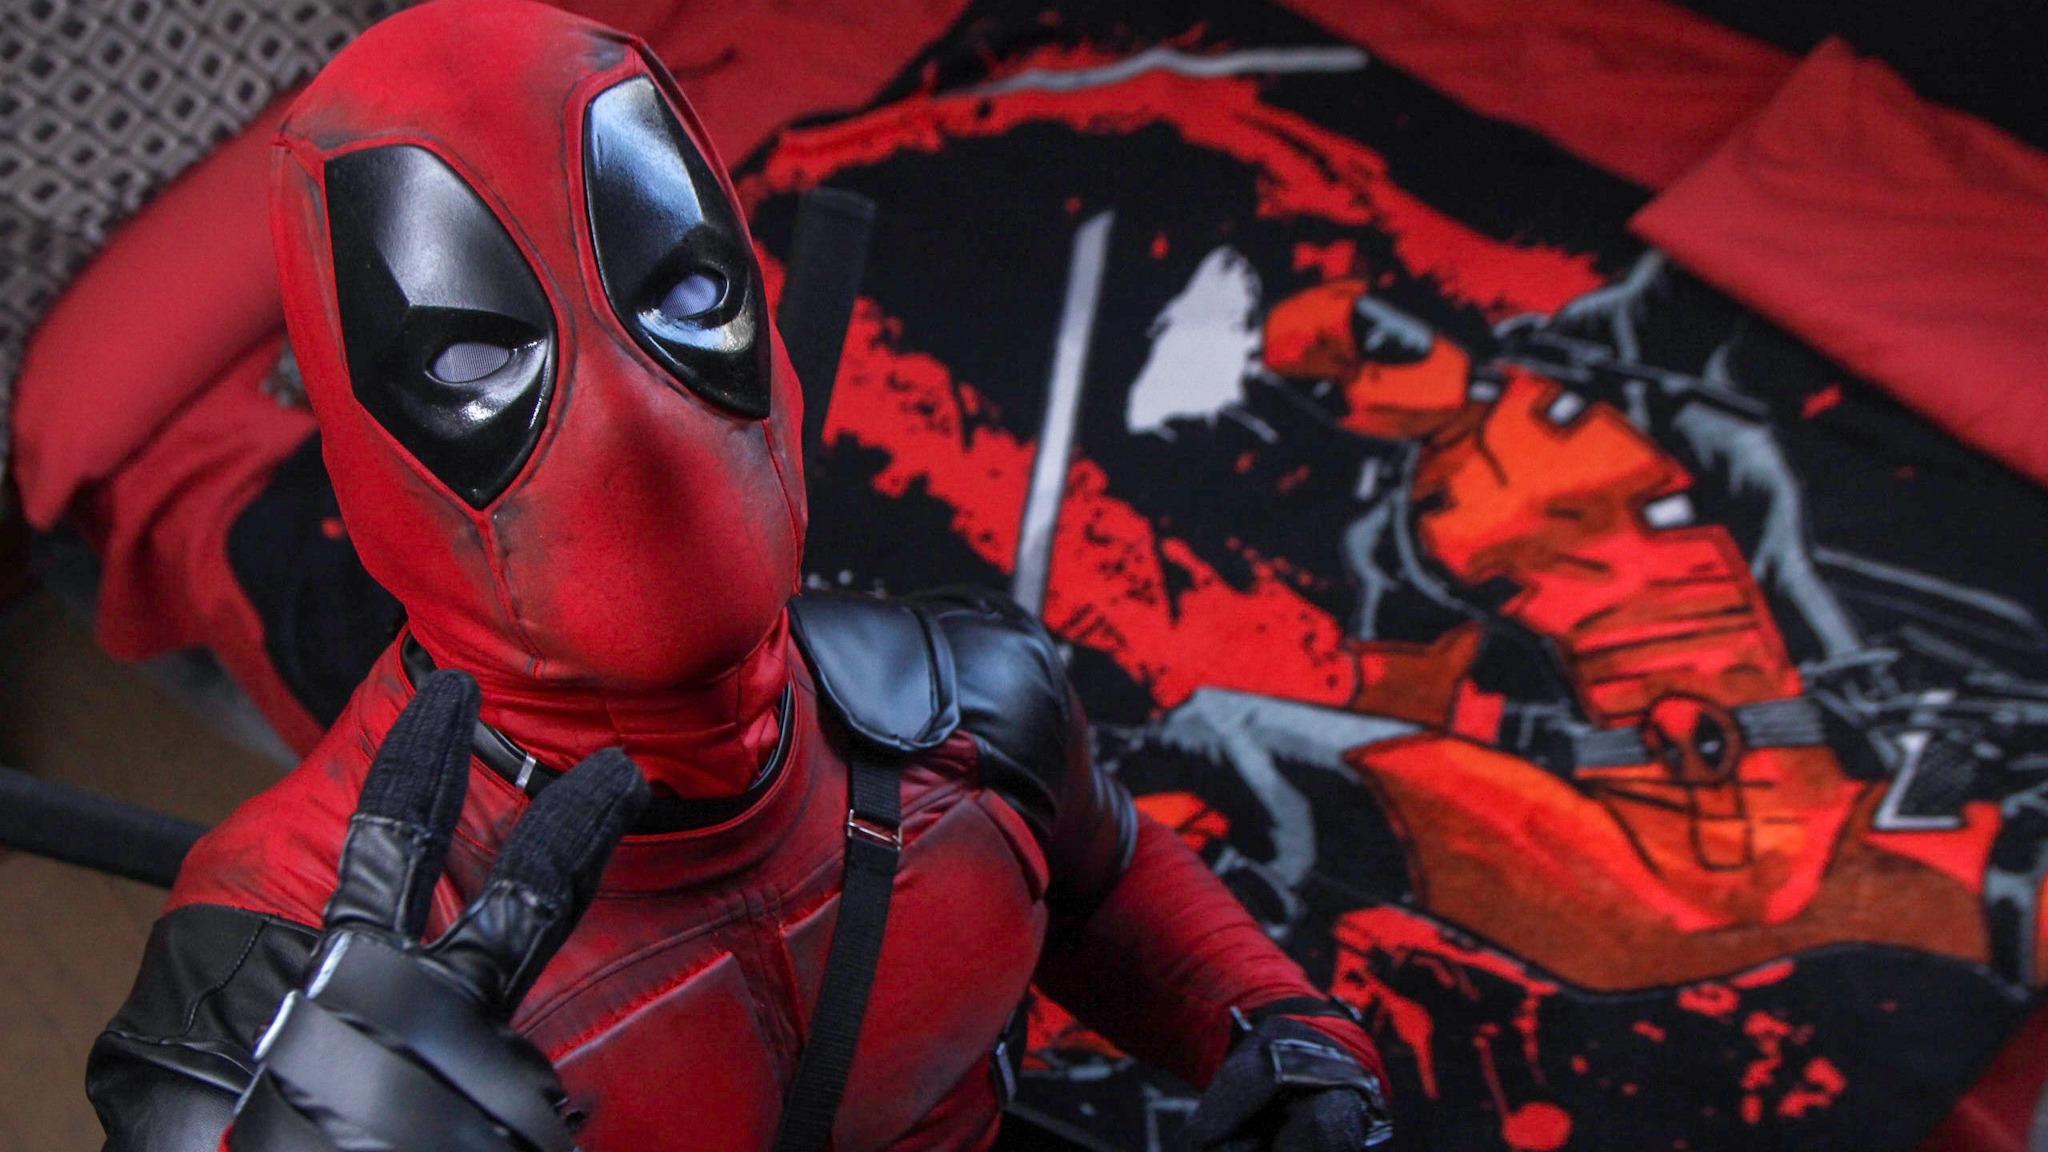 Jason Castro pertenece a la comunidad Marvel Assemble Perú y será el cosplayer del antihéroe en la premiere de